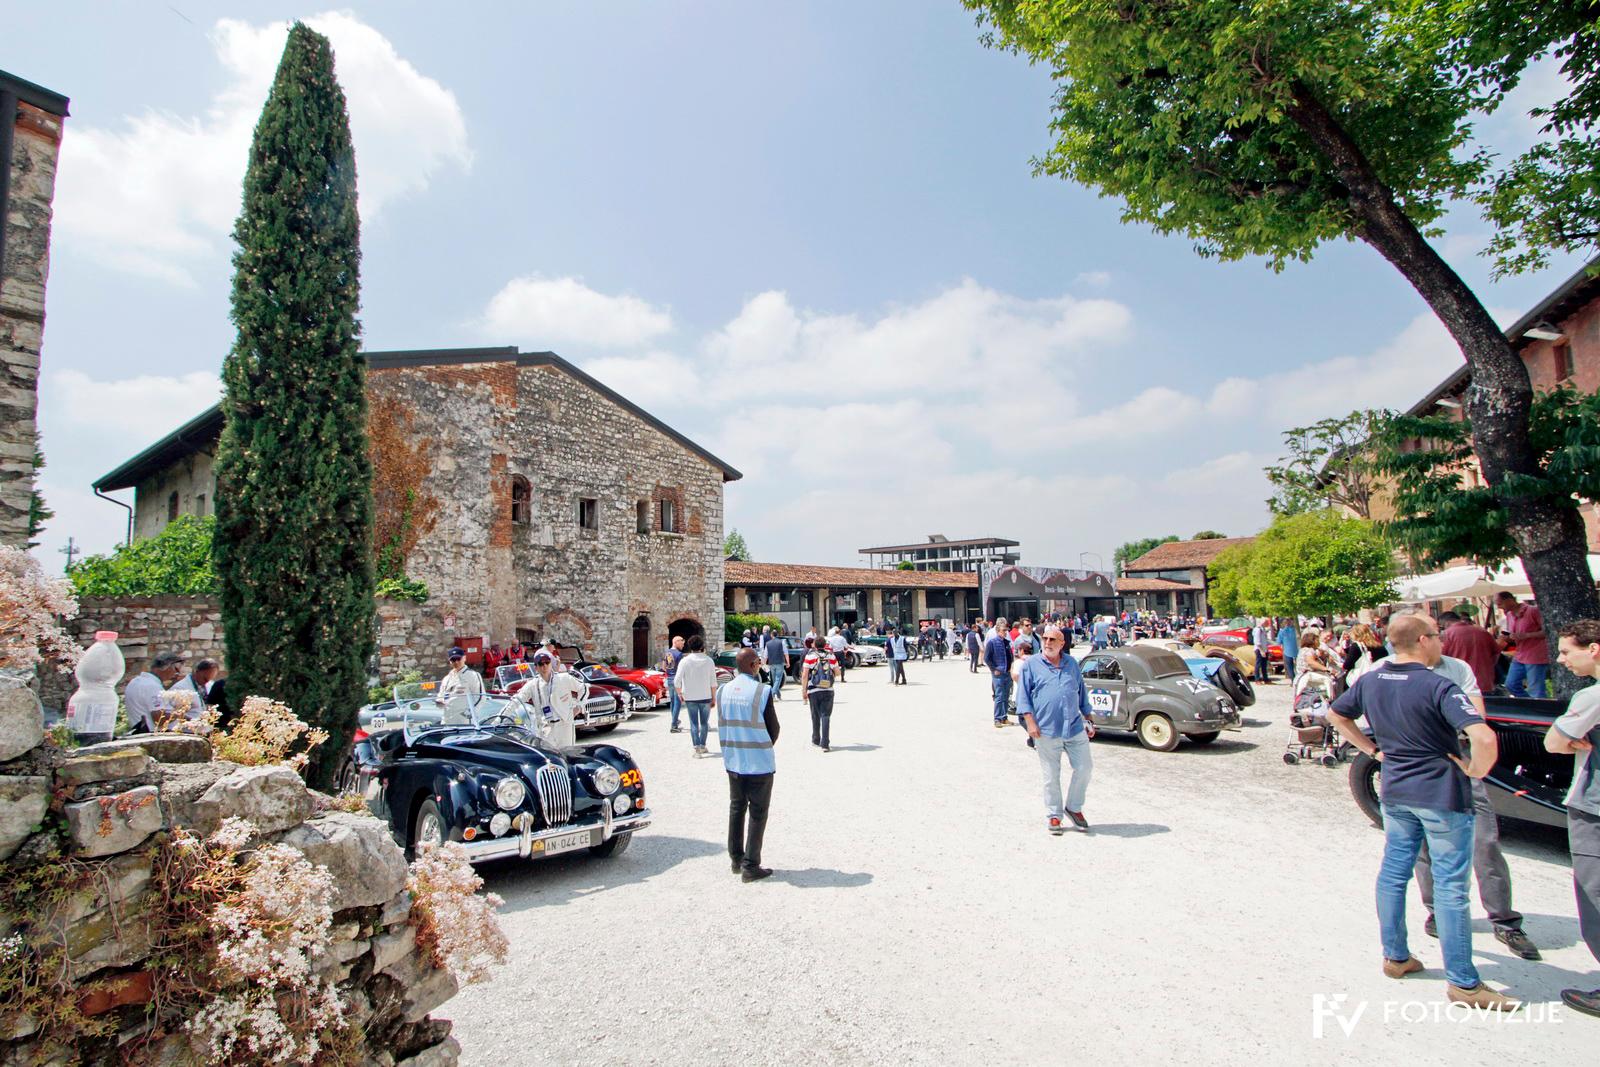 Mille Miglia 2018: Dvorišče muzeja Mille Miglia v Brescii se je pred štartom napolnilo z dragocenimi avtomobili